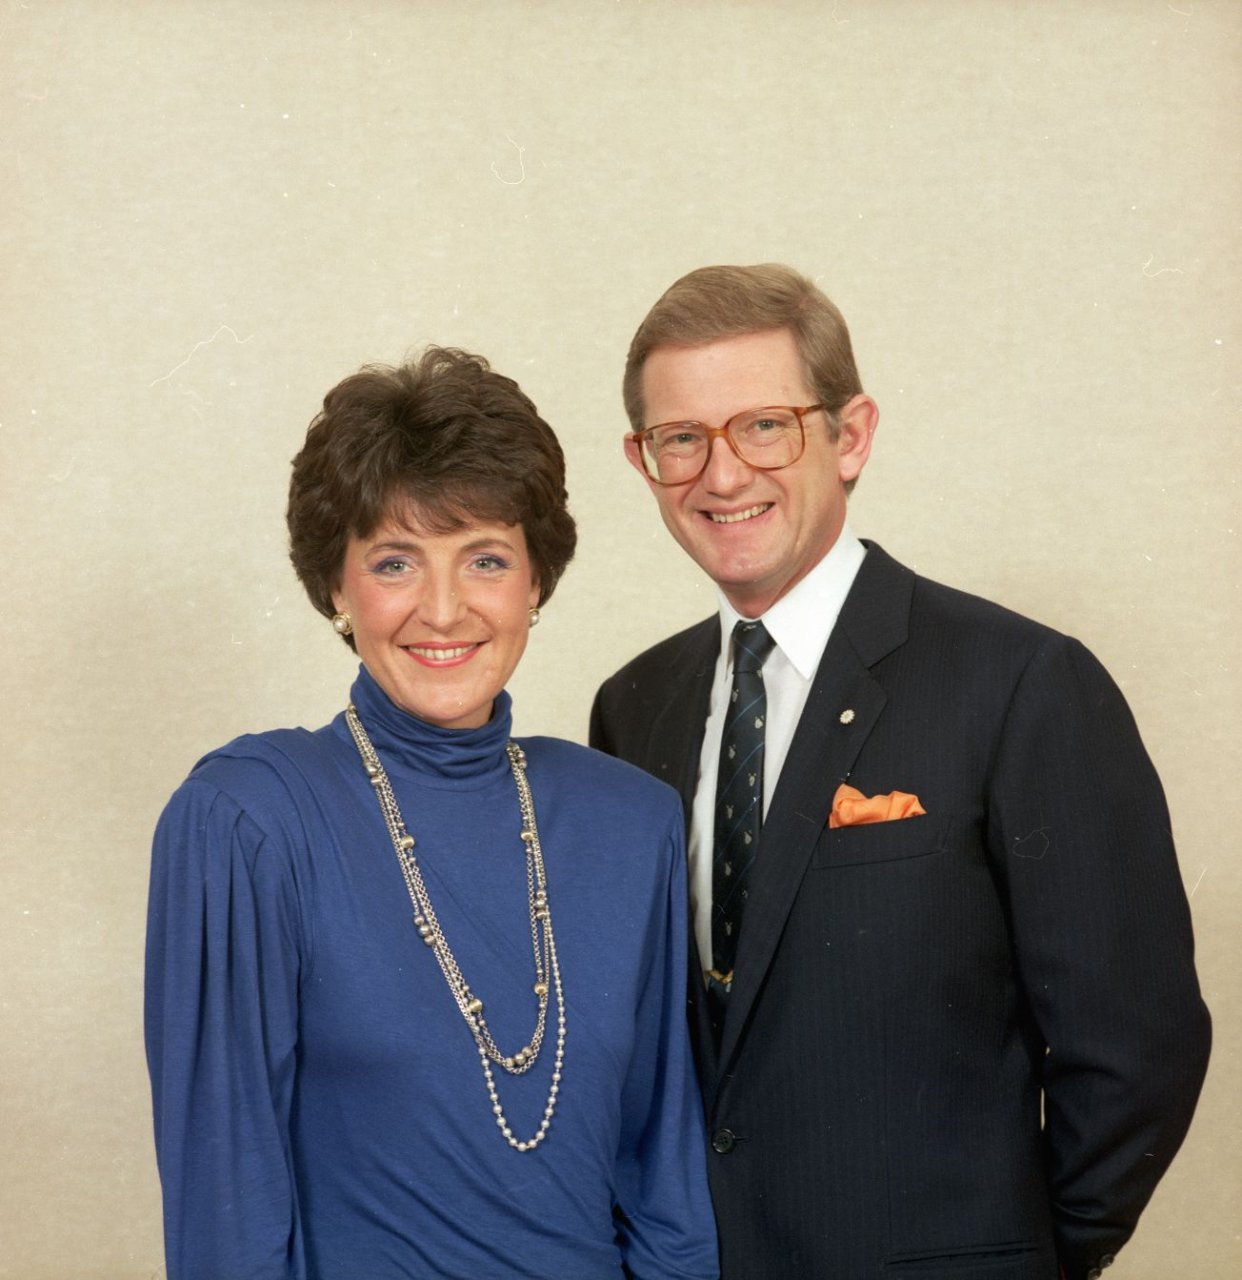 margriet en pieter 40 jaar getrouwd In beeld: Margriet en Pieter 50 jaar getrouwd   III | De Oranjes margriet en pieter 40 jaar getrouwd